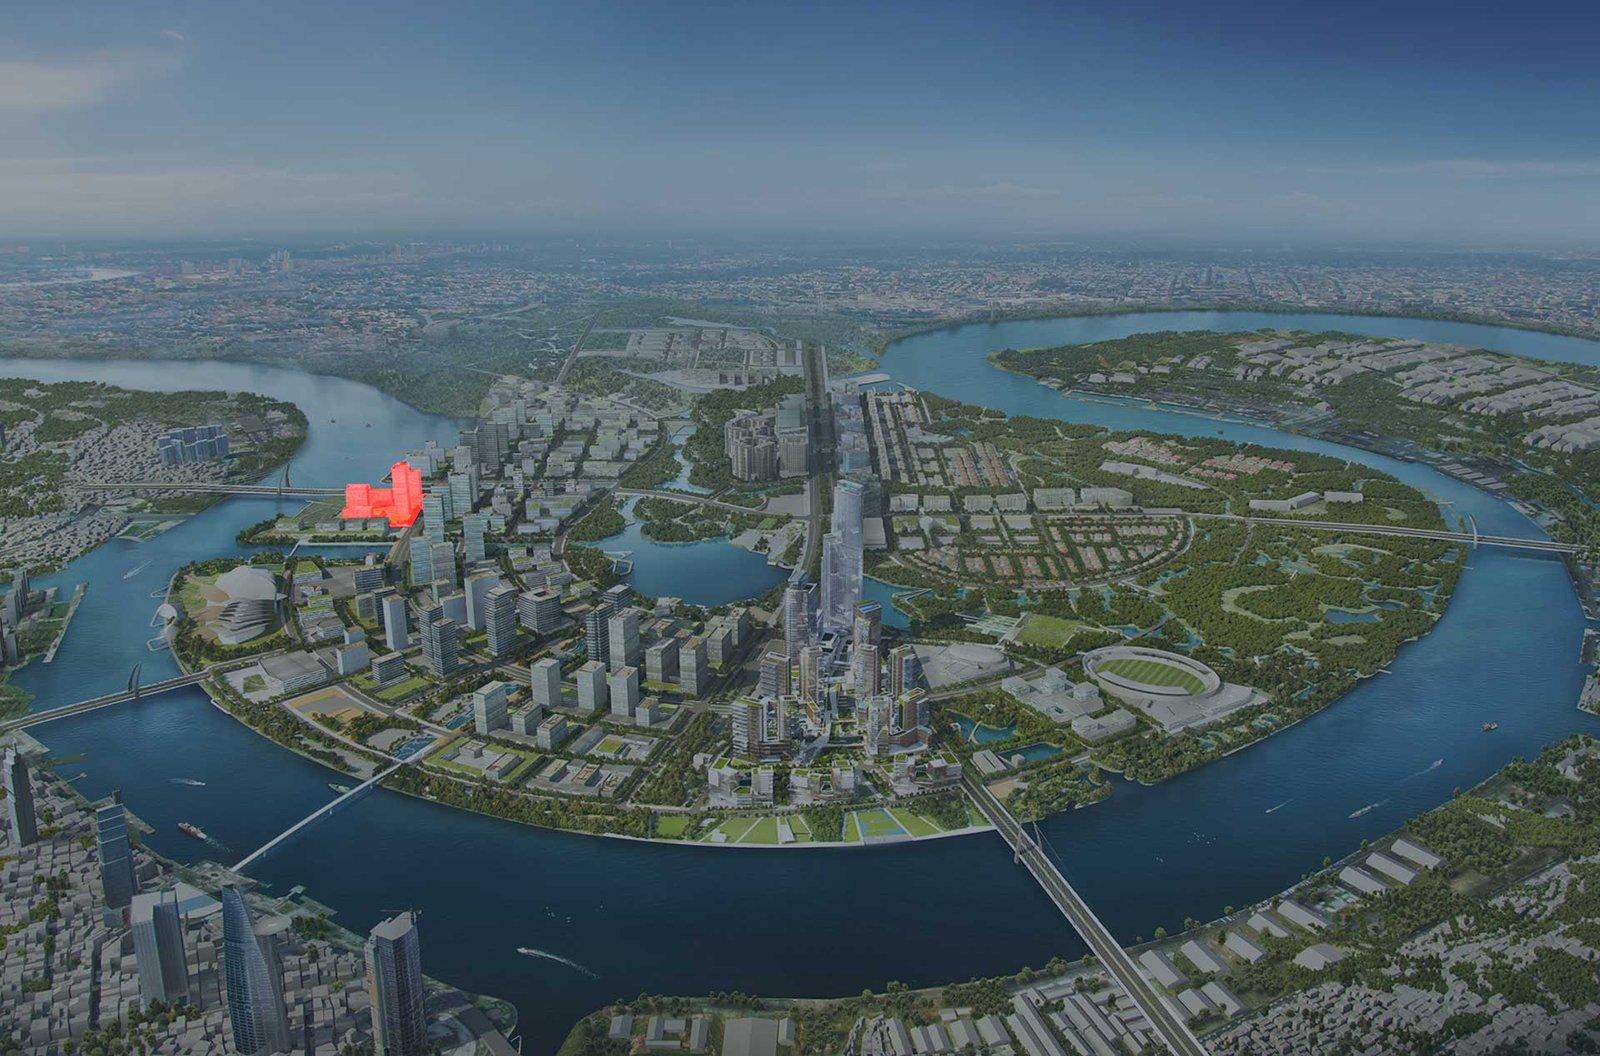 Cho thuê dự án căn hộ chung cư The River Quận 2 Đường Nguyễn Cơ Thạch chủ đầu tư Refico